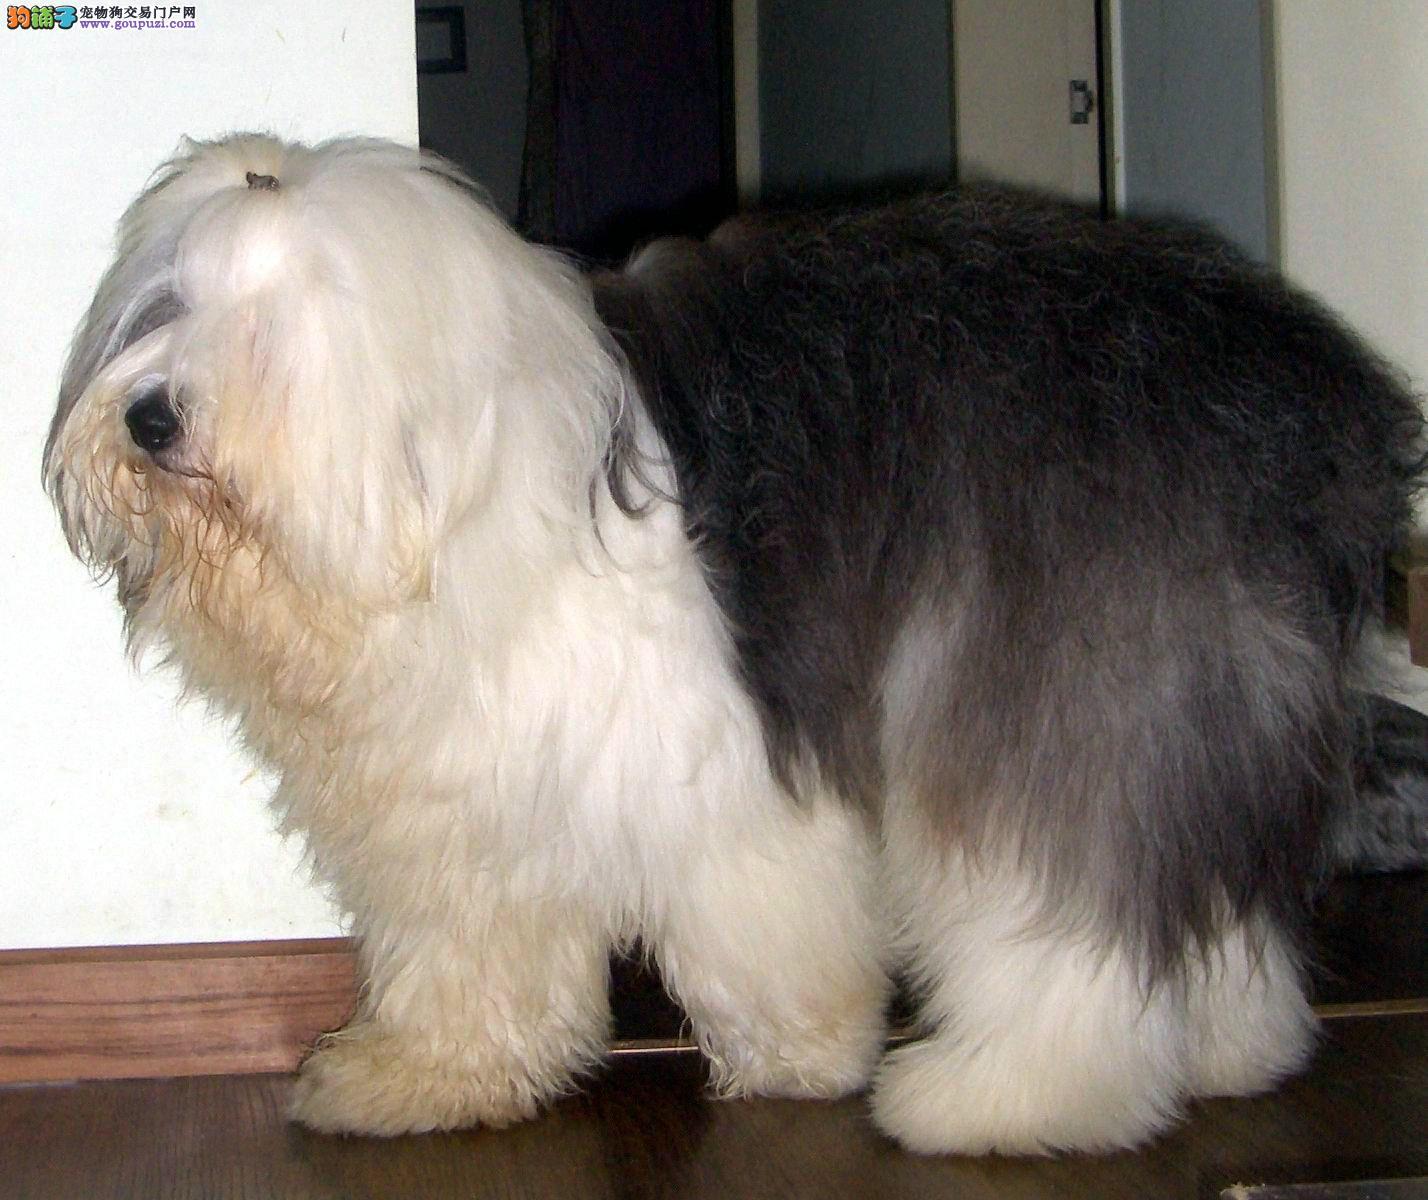 无锡出售全白头古代 血统纯种古牧幼犬 多只挑选